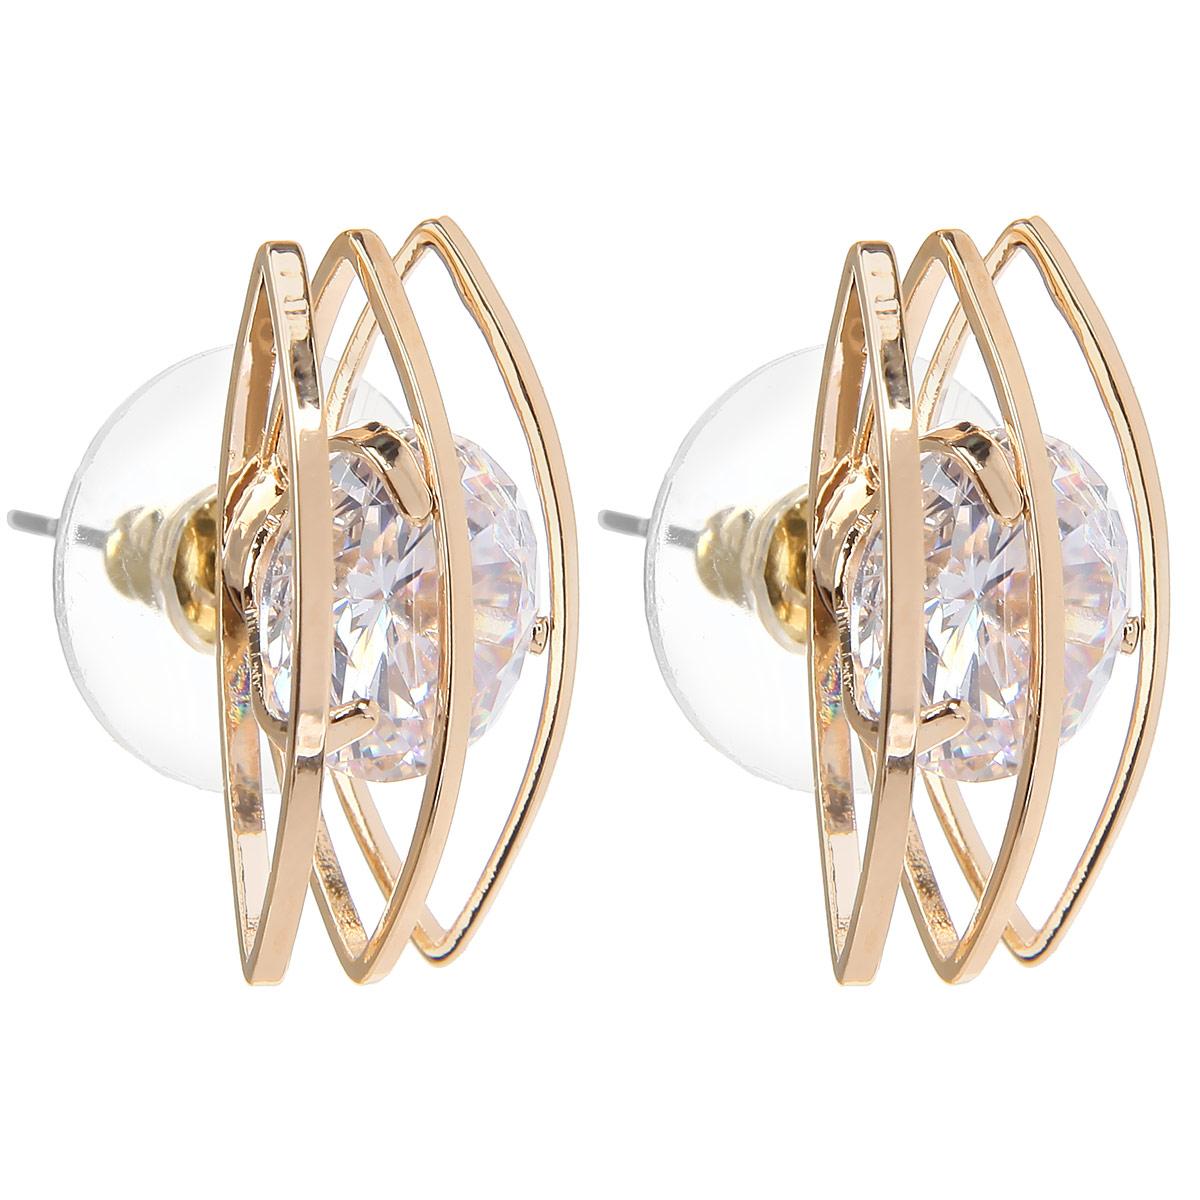 Серьги Taya, цвет: золотистый. T-B-9163-EARR-GOLDT-B-9163-EARR-GOLDШикарные серьги Taya выполнены из ювелирного сплава на основе латуни (не содержит свинца и никеля) и оформлены крупными гранеными стразами. Изделие застегивается на замок-гвоздик. Это стильное украшение элегантно впишется в ваш модный образ, а также подчеркнет ваш изысканный вкус.